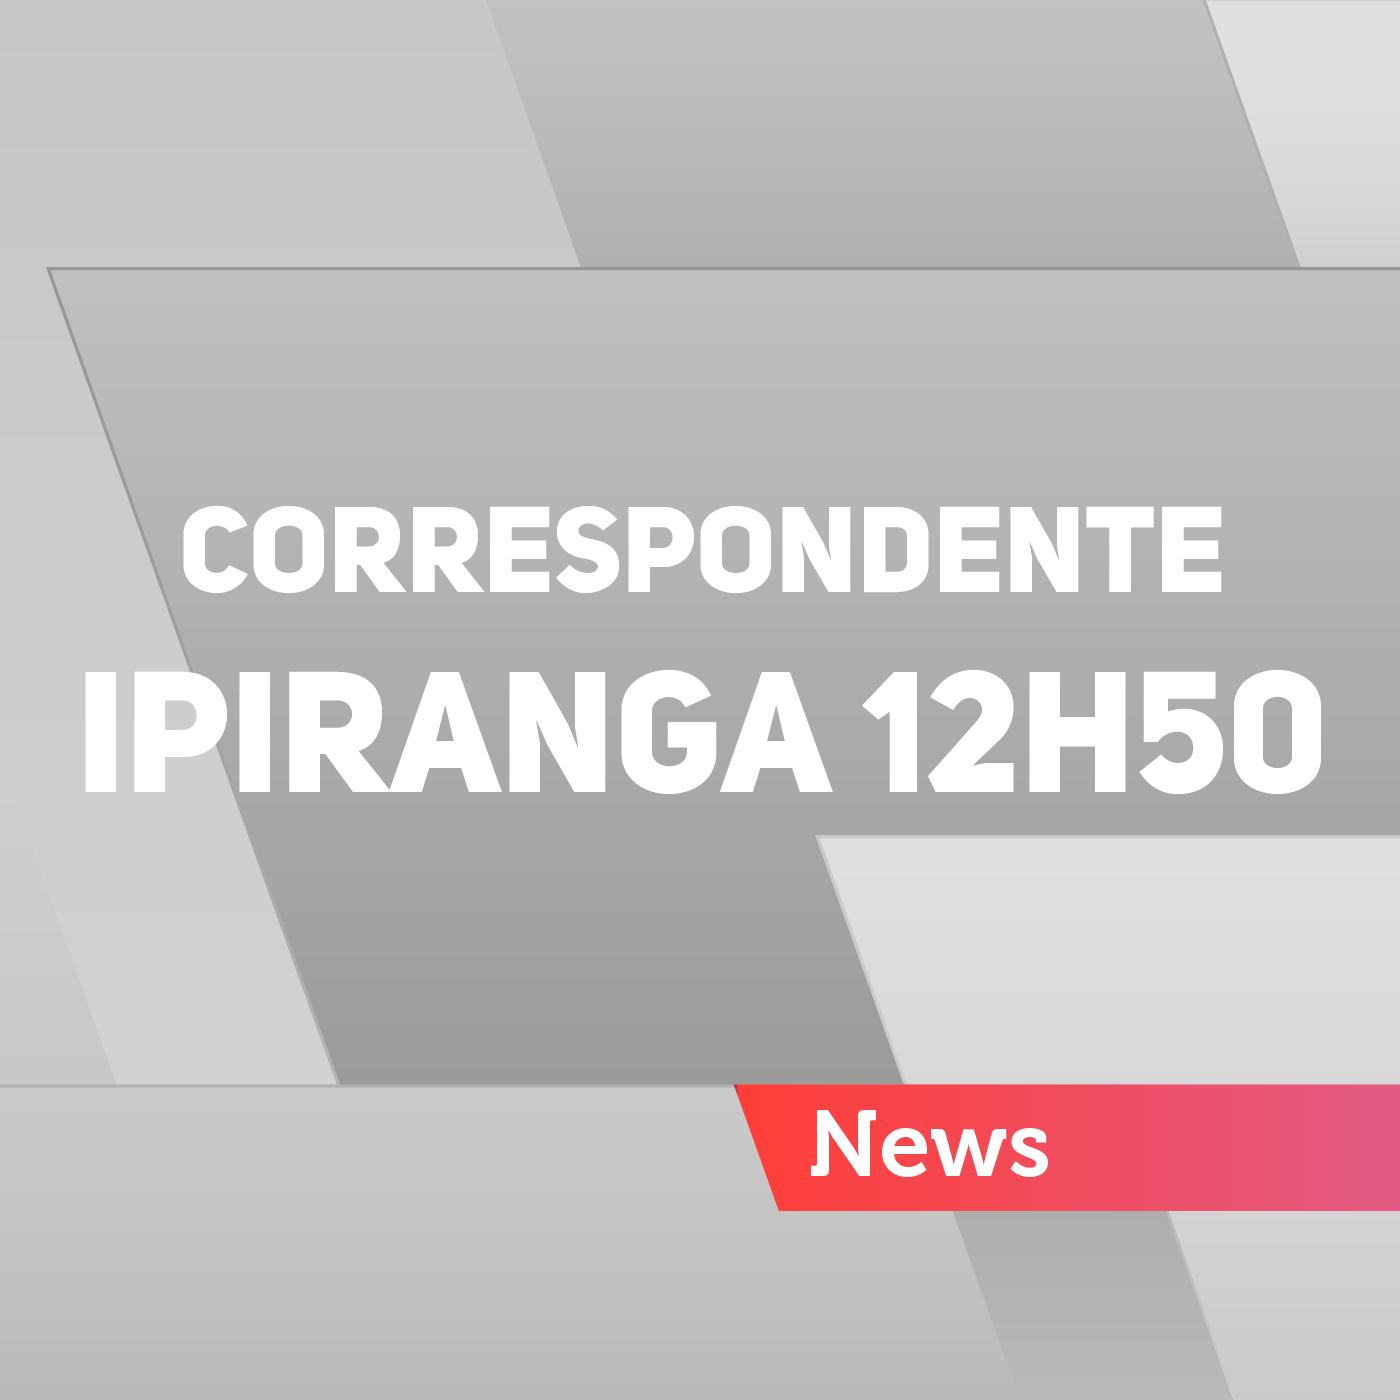 Correspondente Ipiranga 12h50 – 19/09/2017